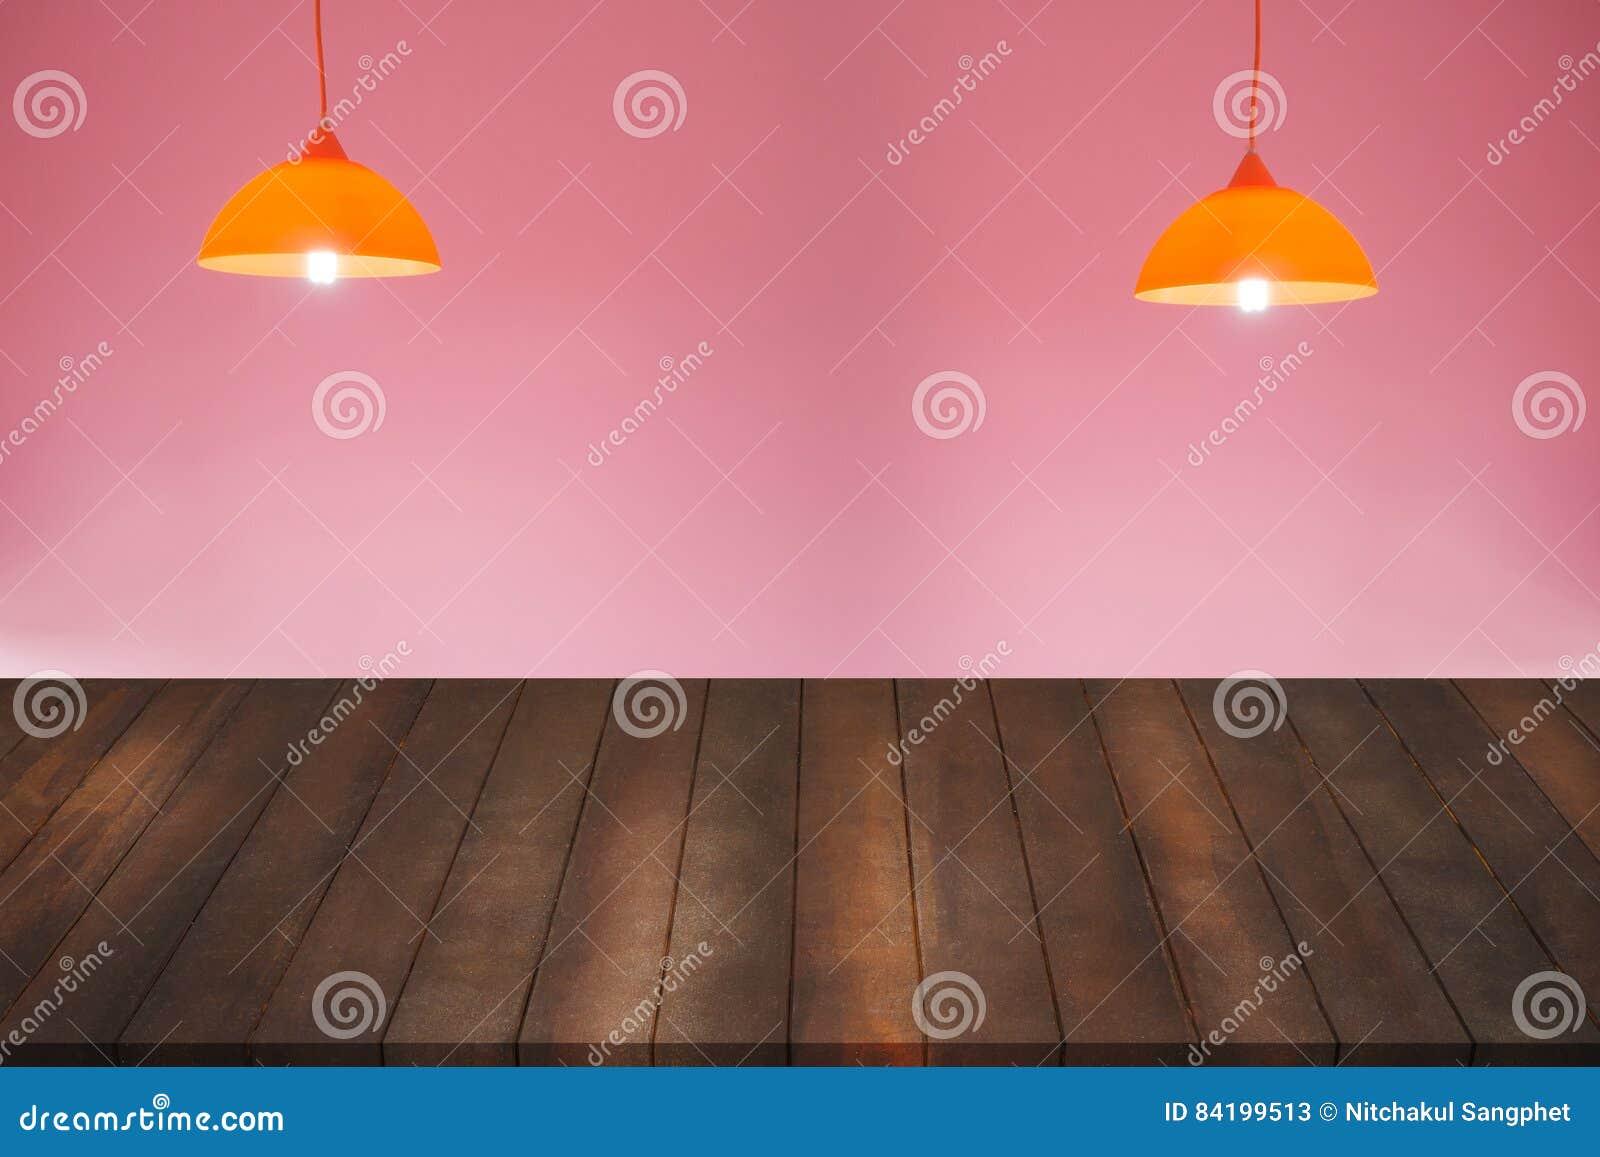 Plafoniere Con Bordo In Legno : Montaggio del pavimento di legno per la pubblicità sulla parete rosa